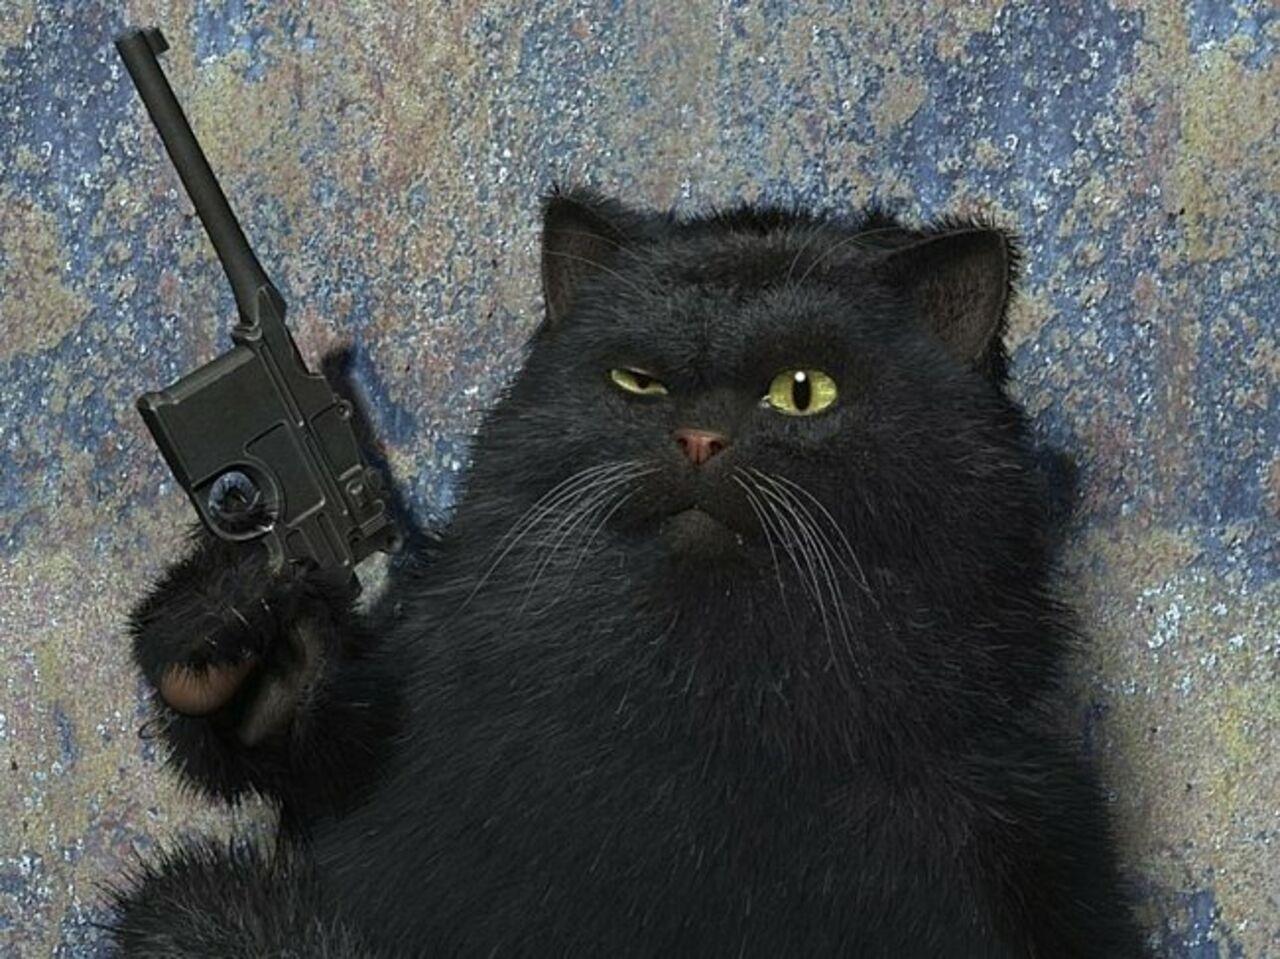 Североамериканская милиция обезоружила кота с«винтовкой»